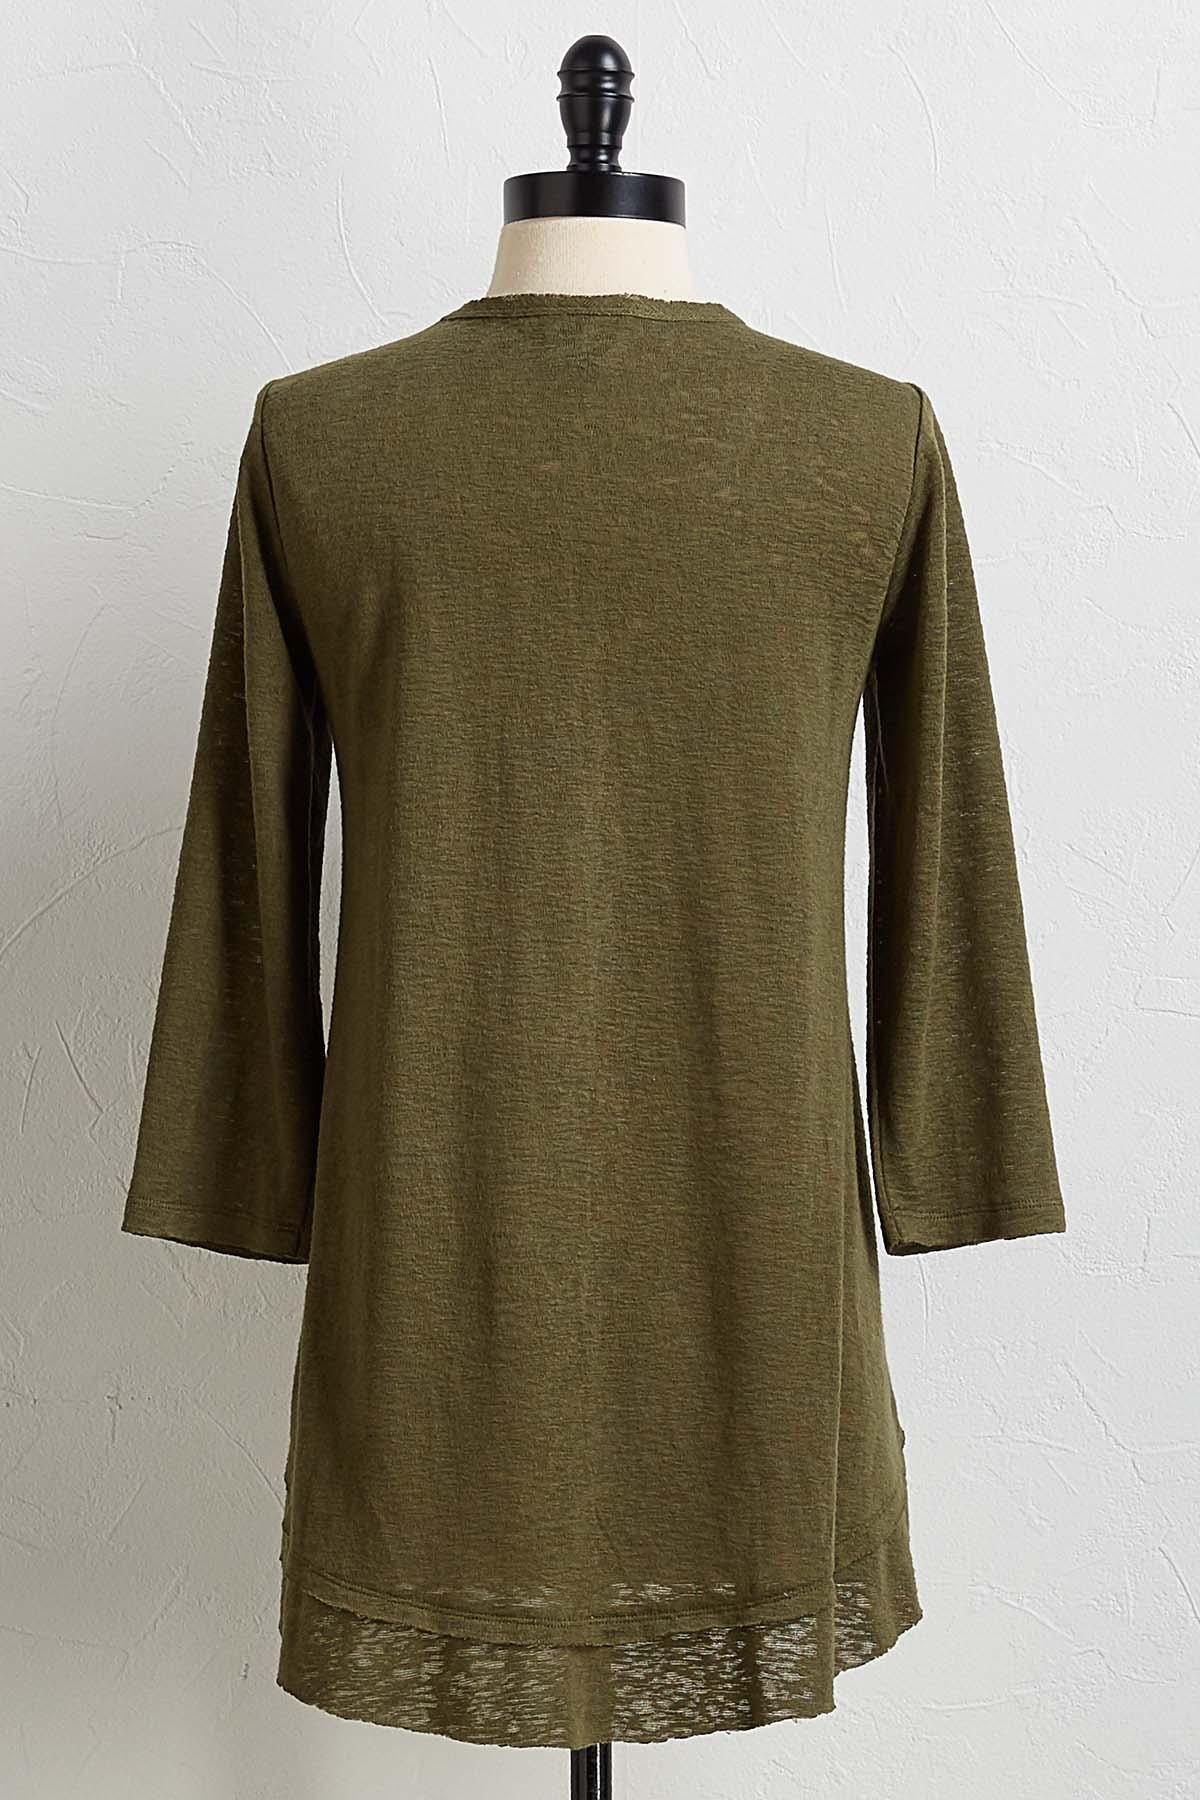 Clover Green V- Neck Top